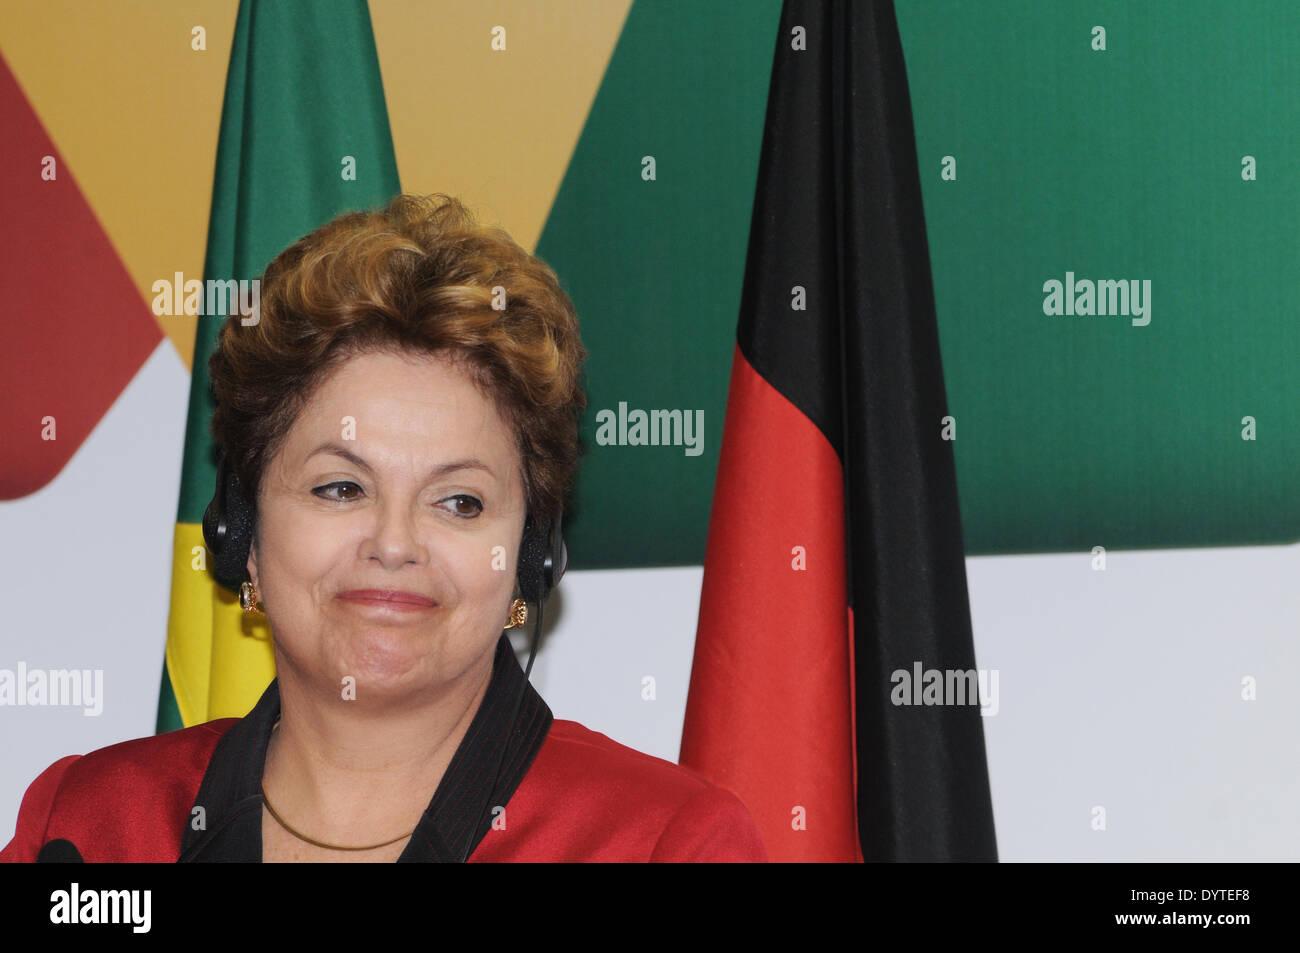 Dilma Rousseff in Sao Paulo - Stock Image